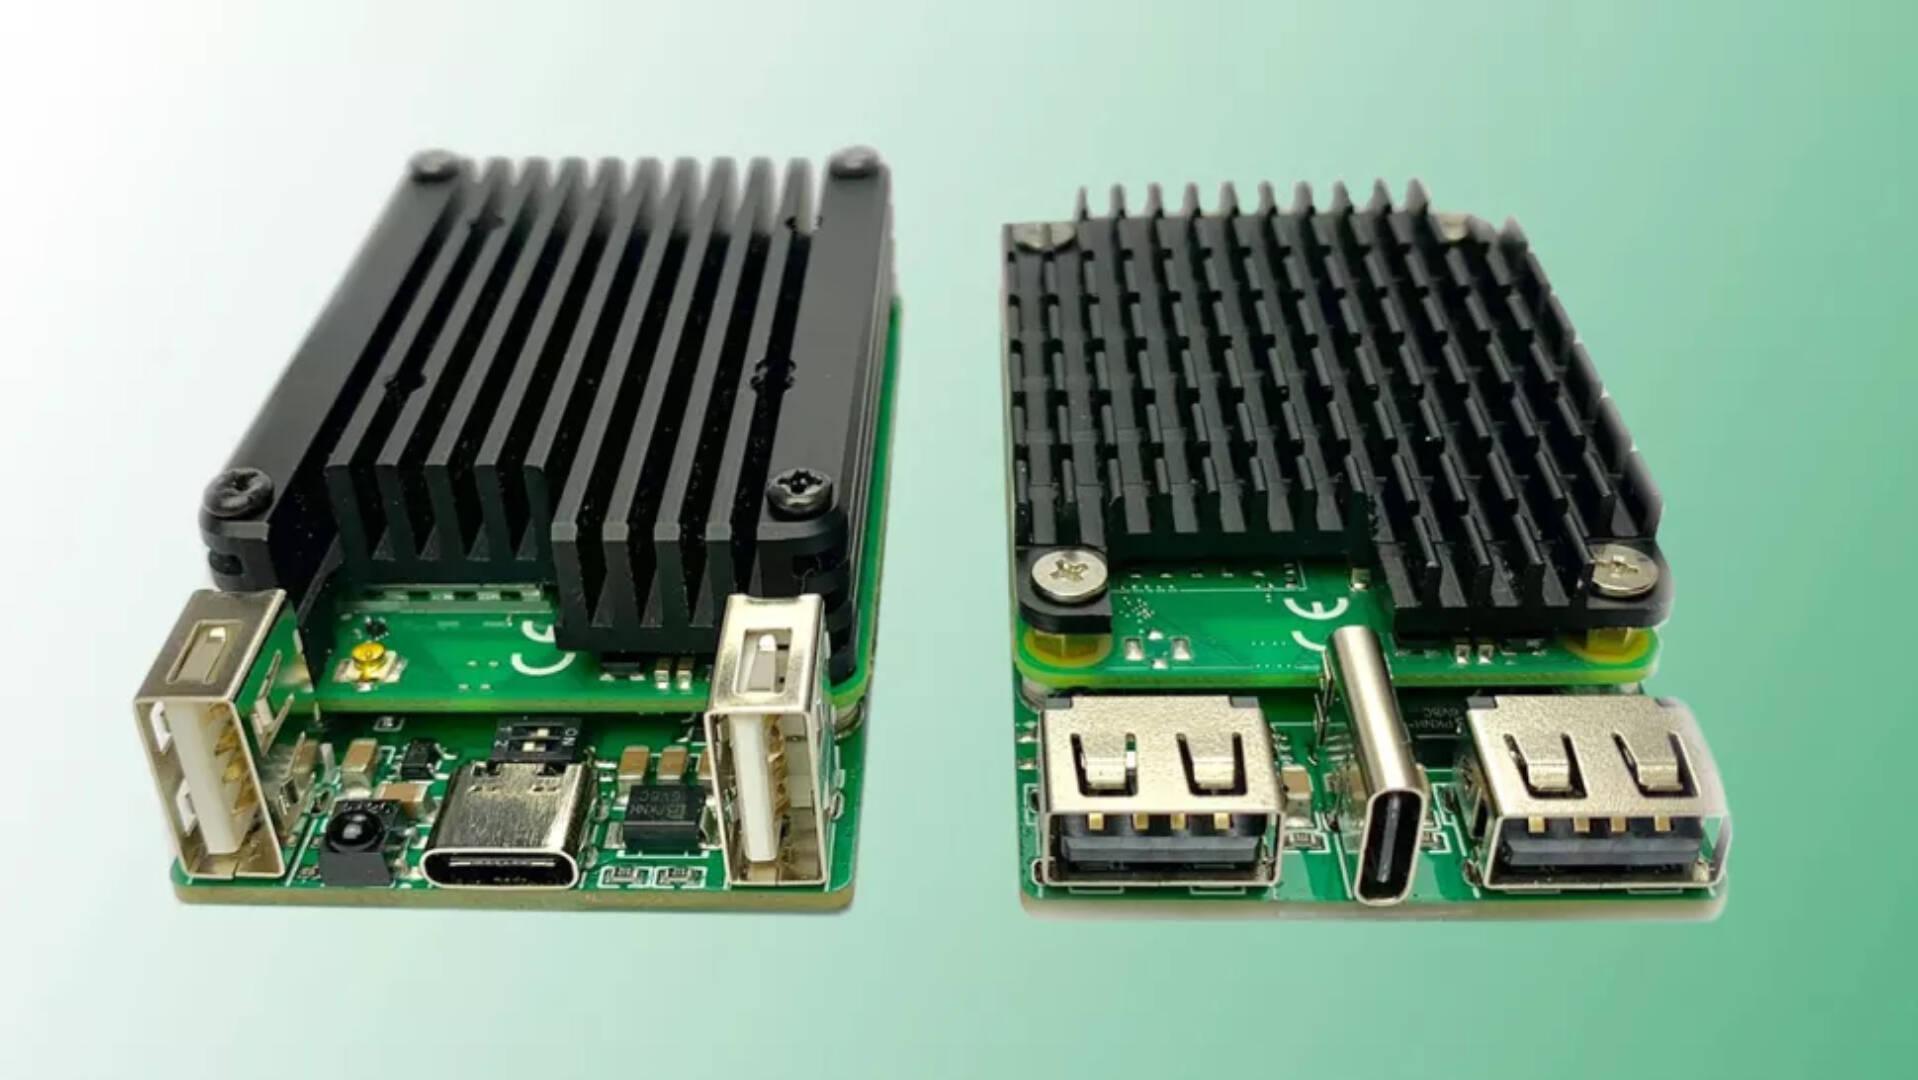 Raspberry Pi 4 Compute Module 4 TV Stick